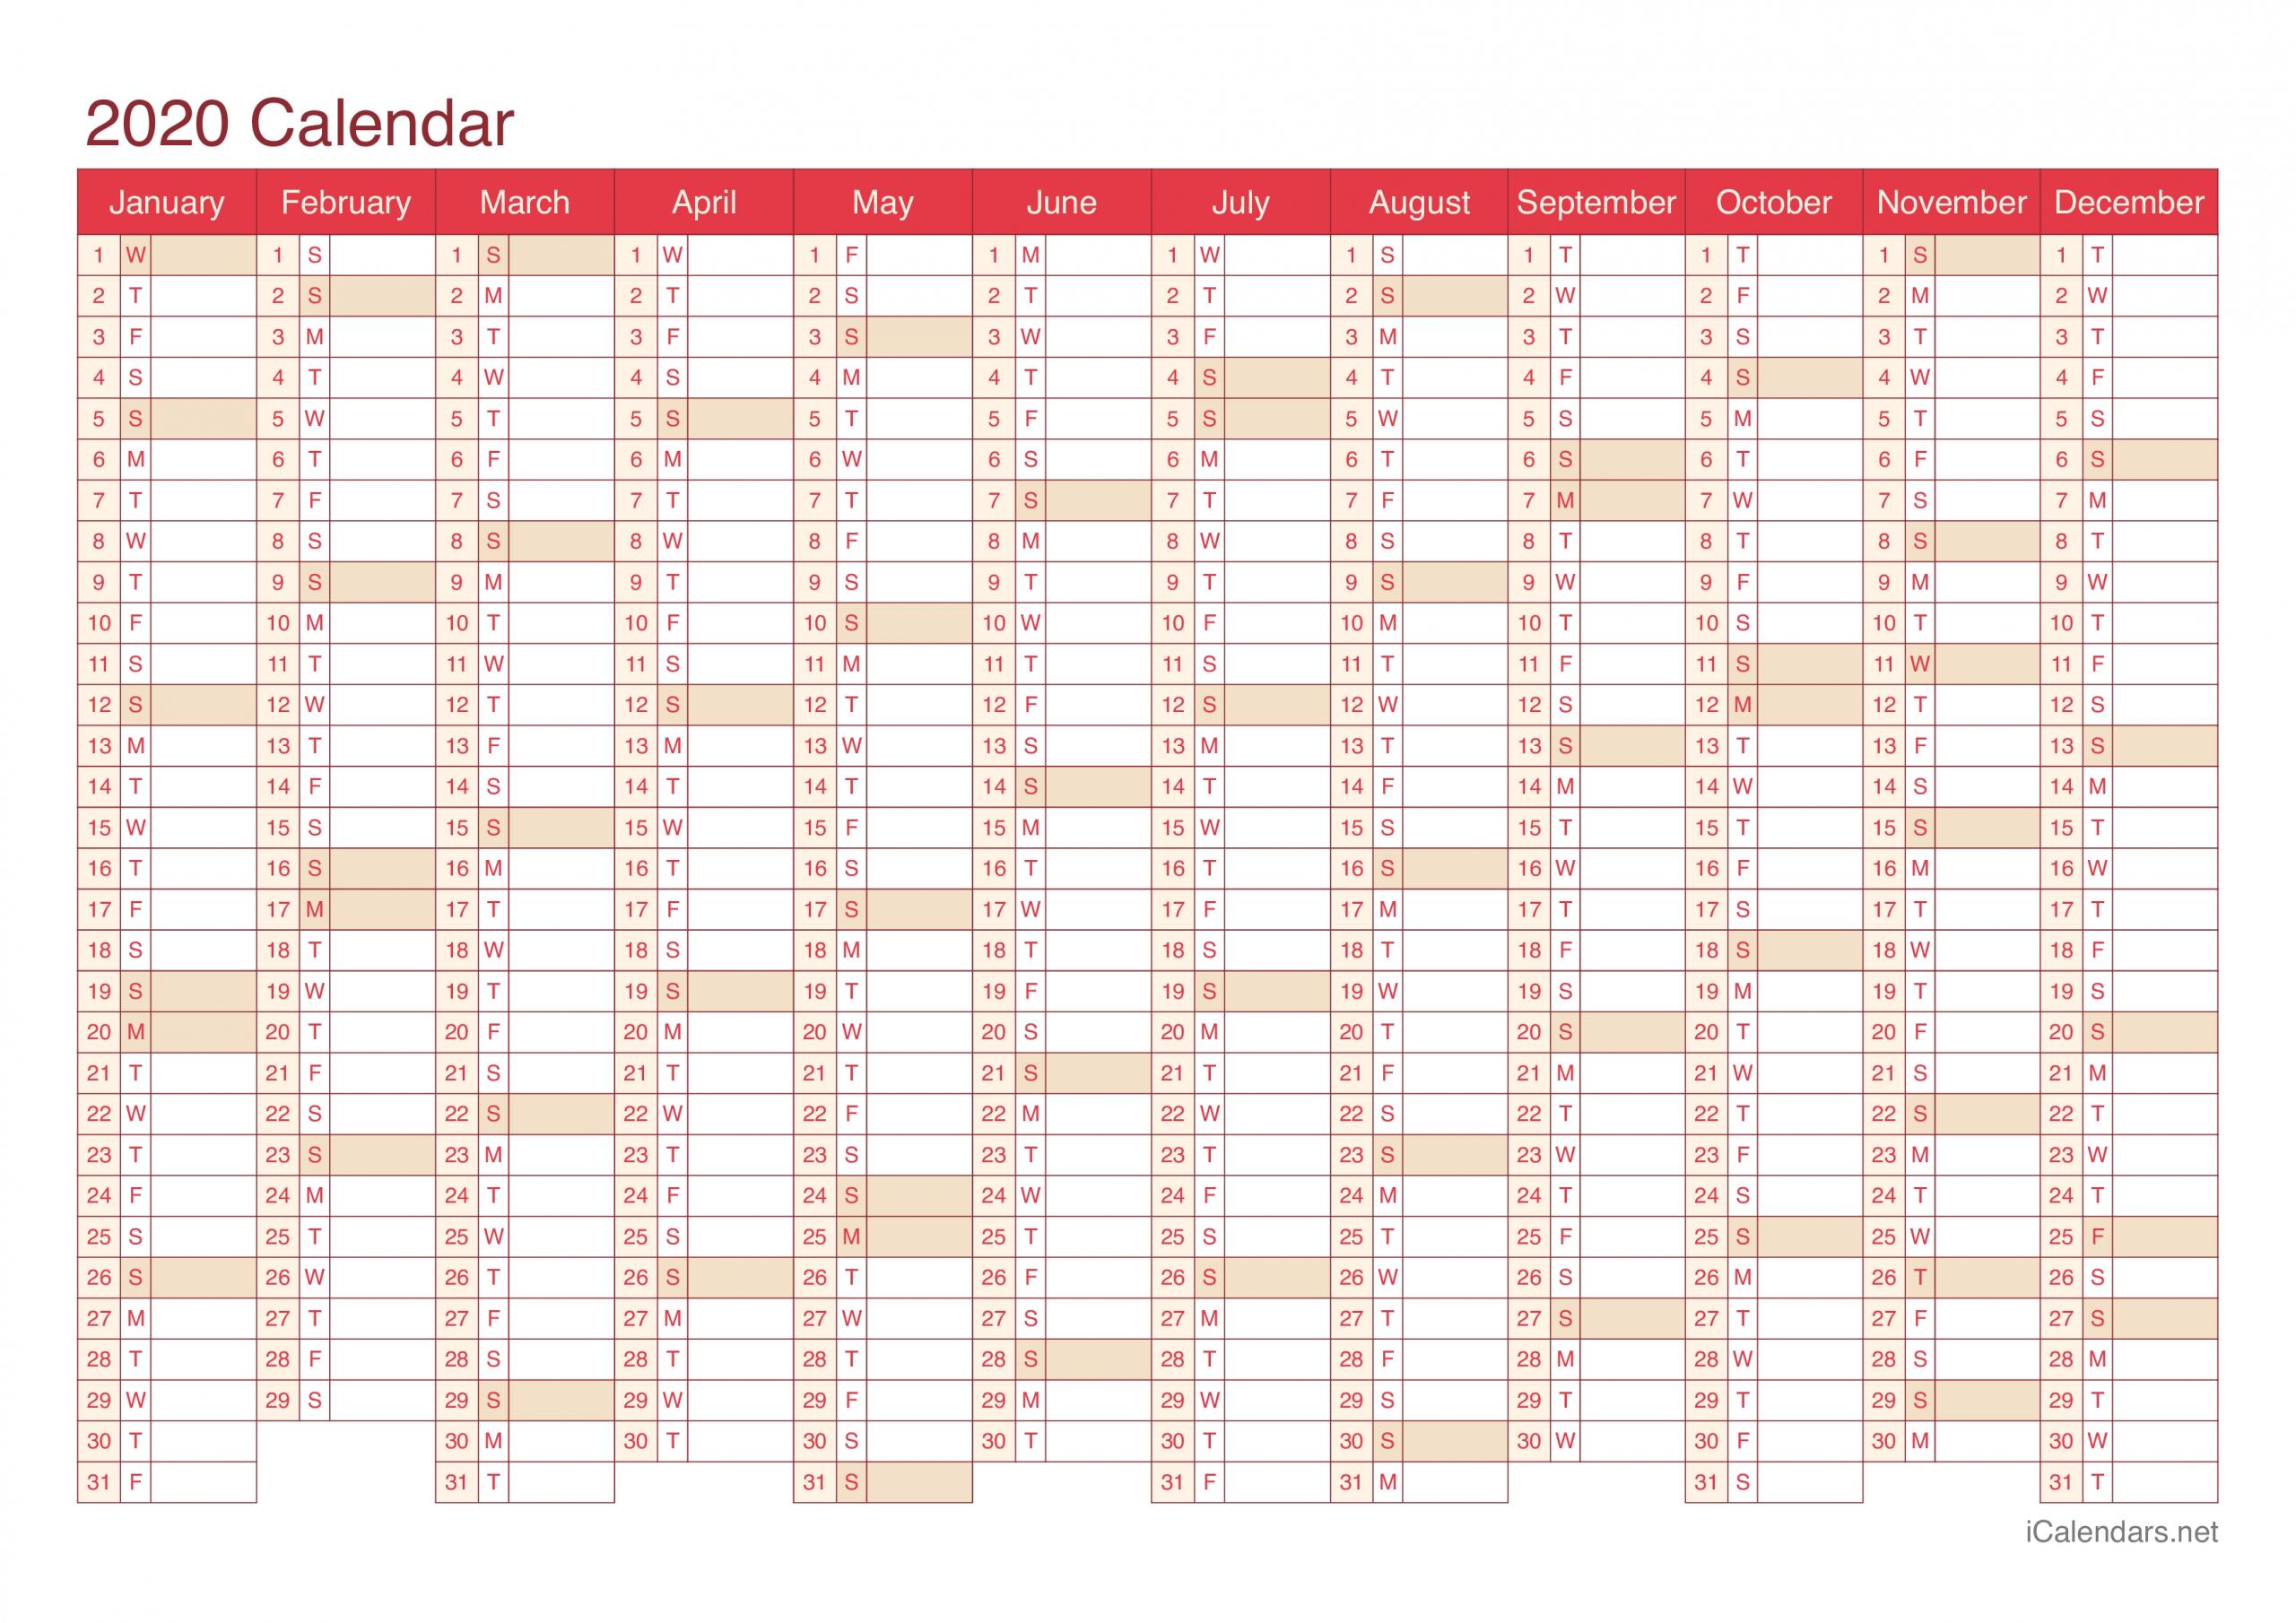 Printable 2020 Calendar With Week Numbers Excel   Calendar Template Printable Monthly Yearly-Yearly Week Number Calendar Excel0.